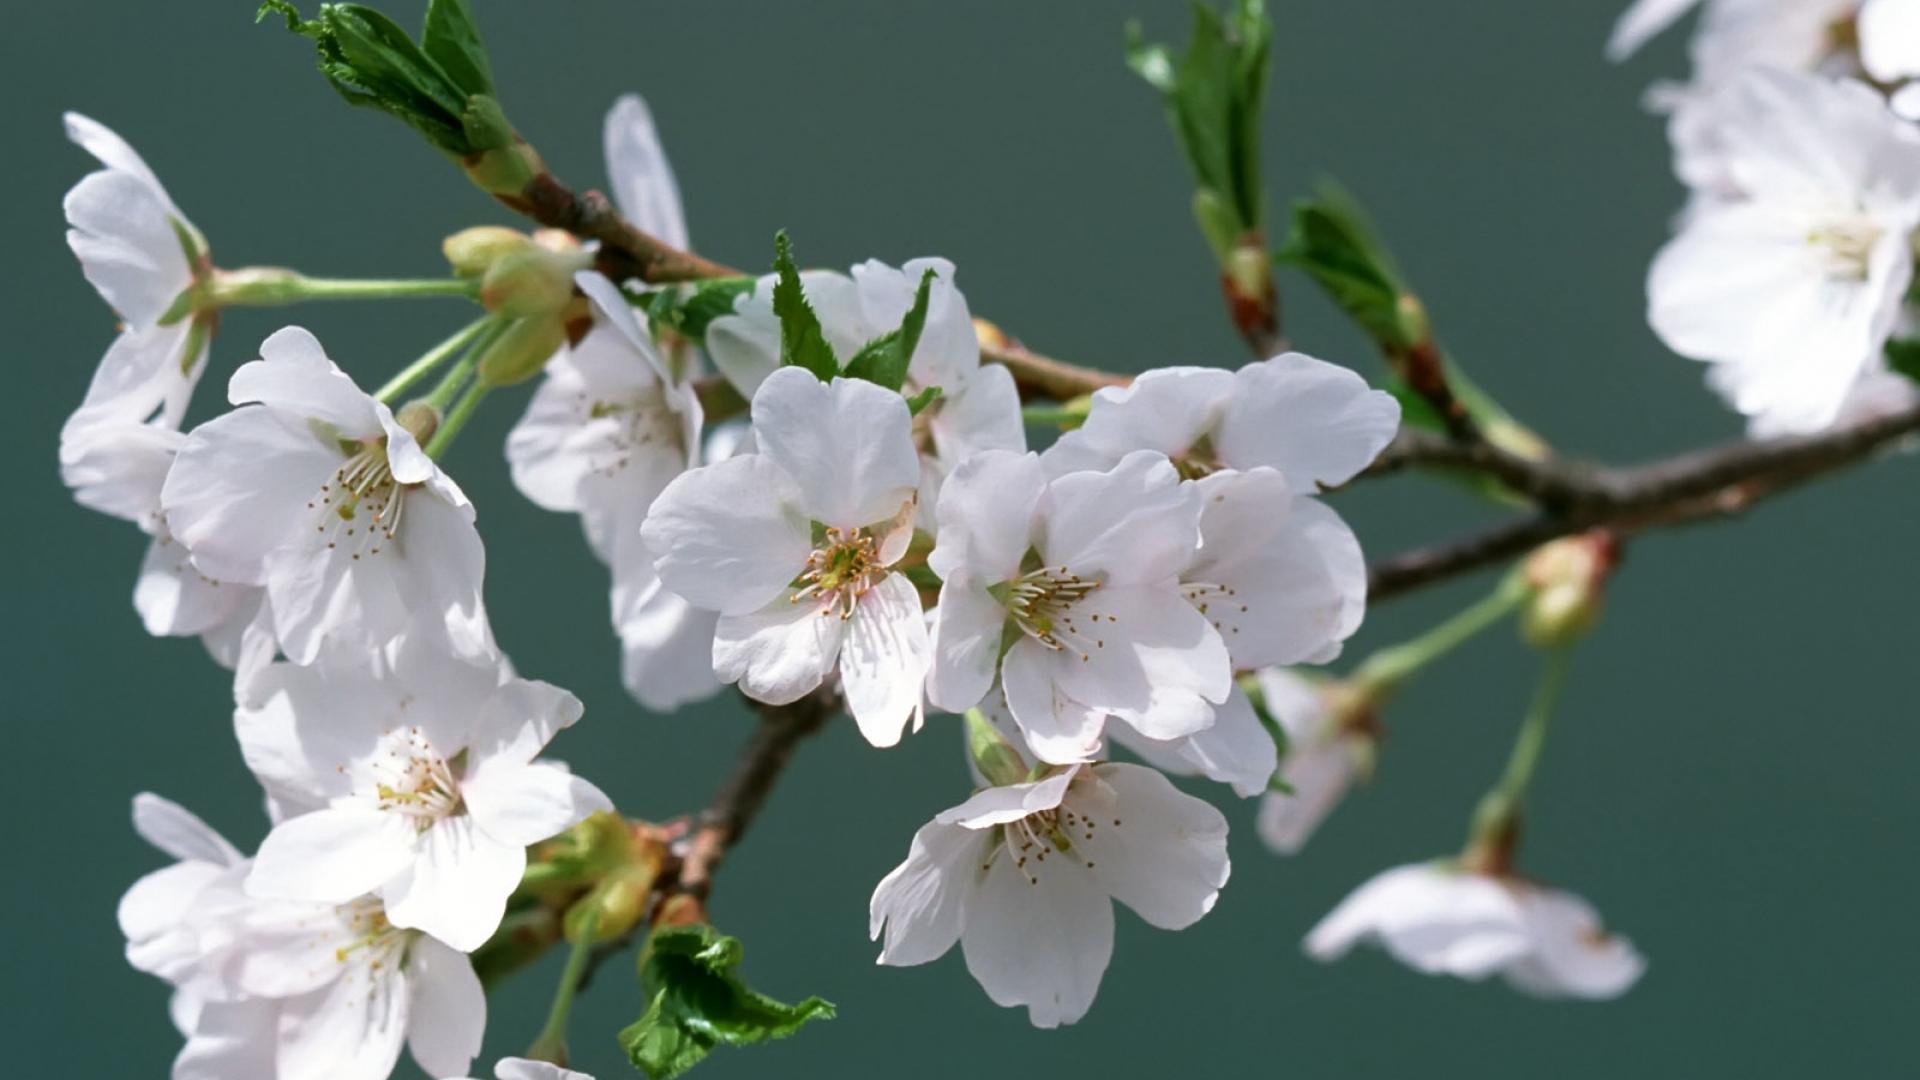 ветка цветущей вишни фото несколько